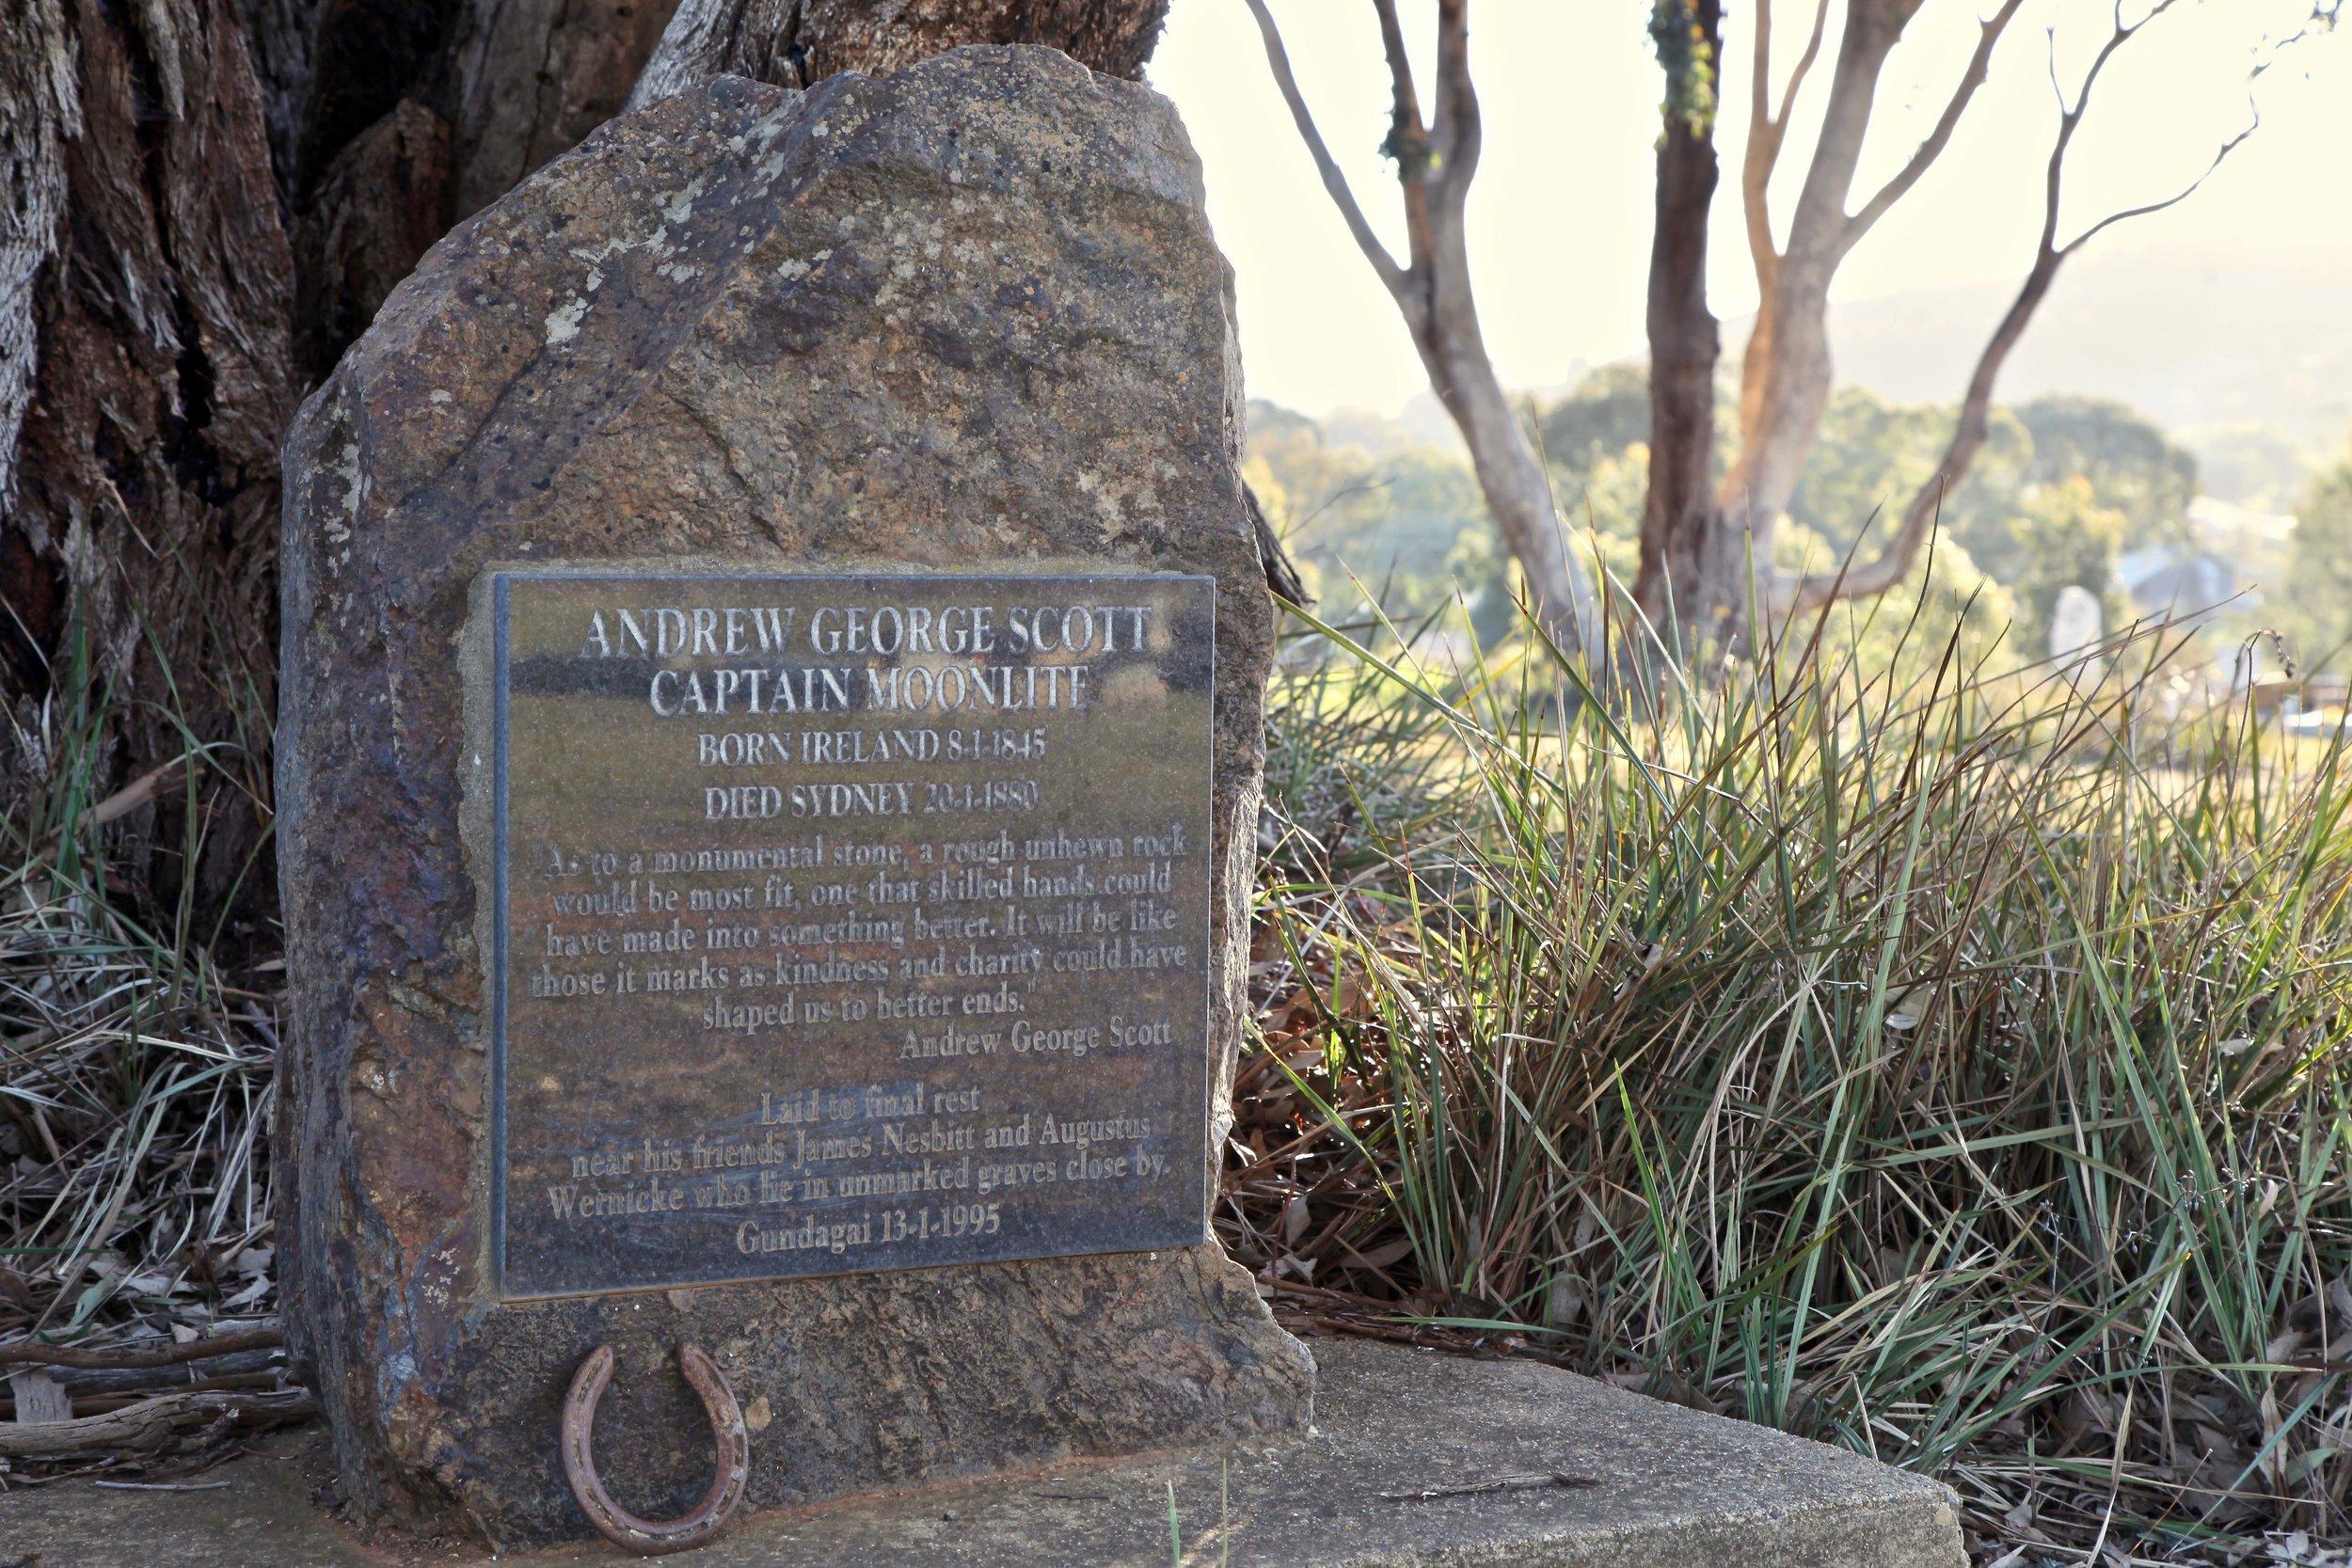 captain-moonlite-grave-gundagai.pg